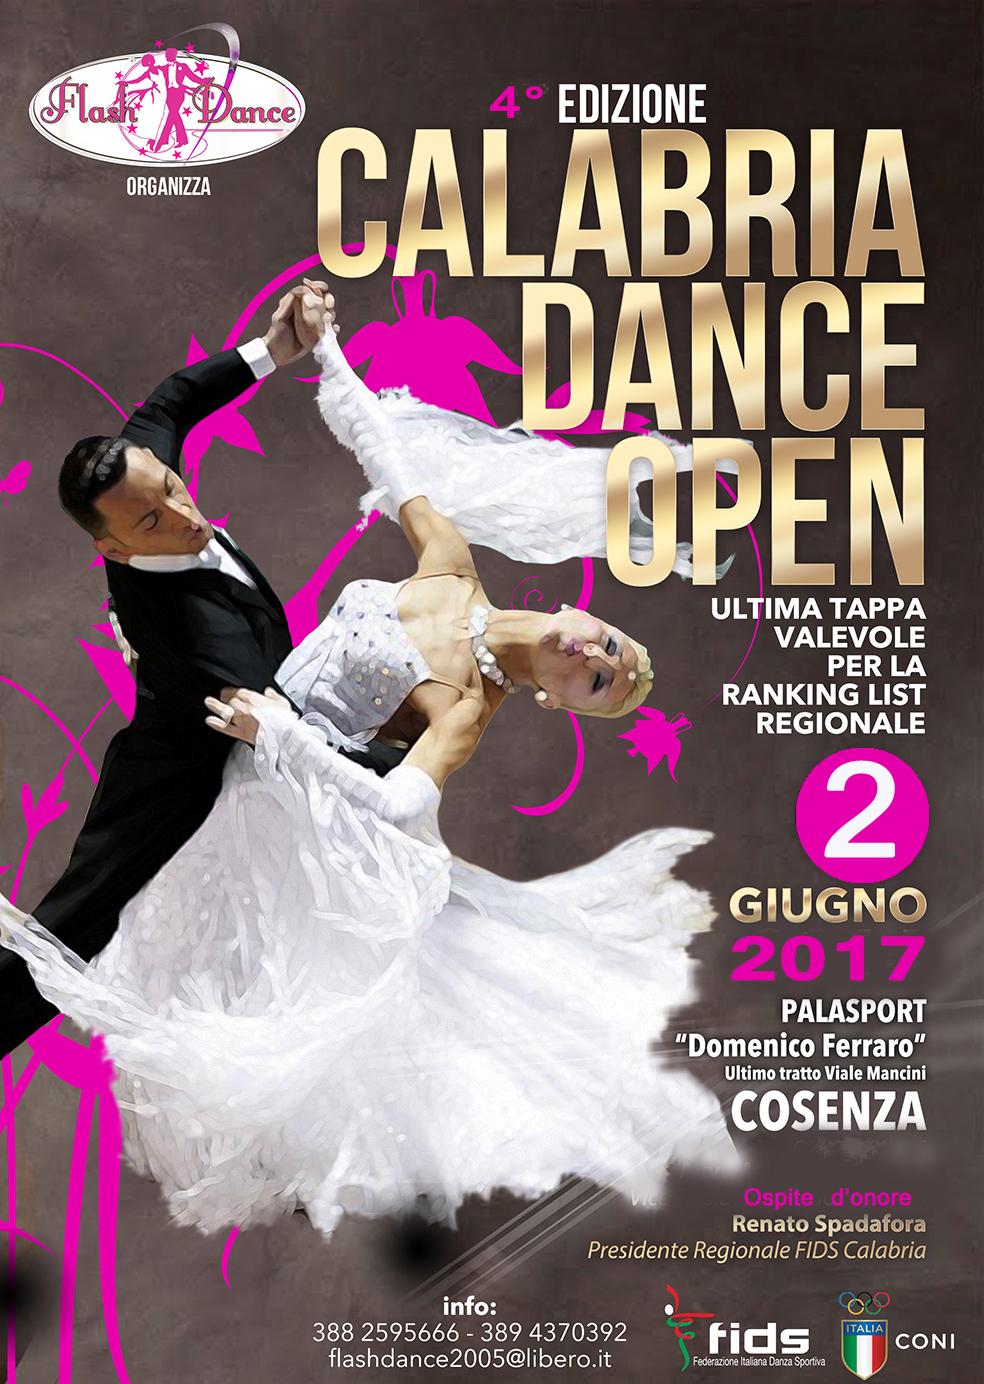 CALABRIA DANCE OPEN -4° EDIZIONE